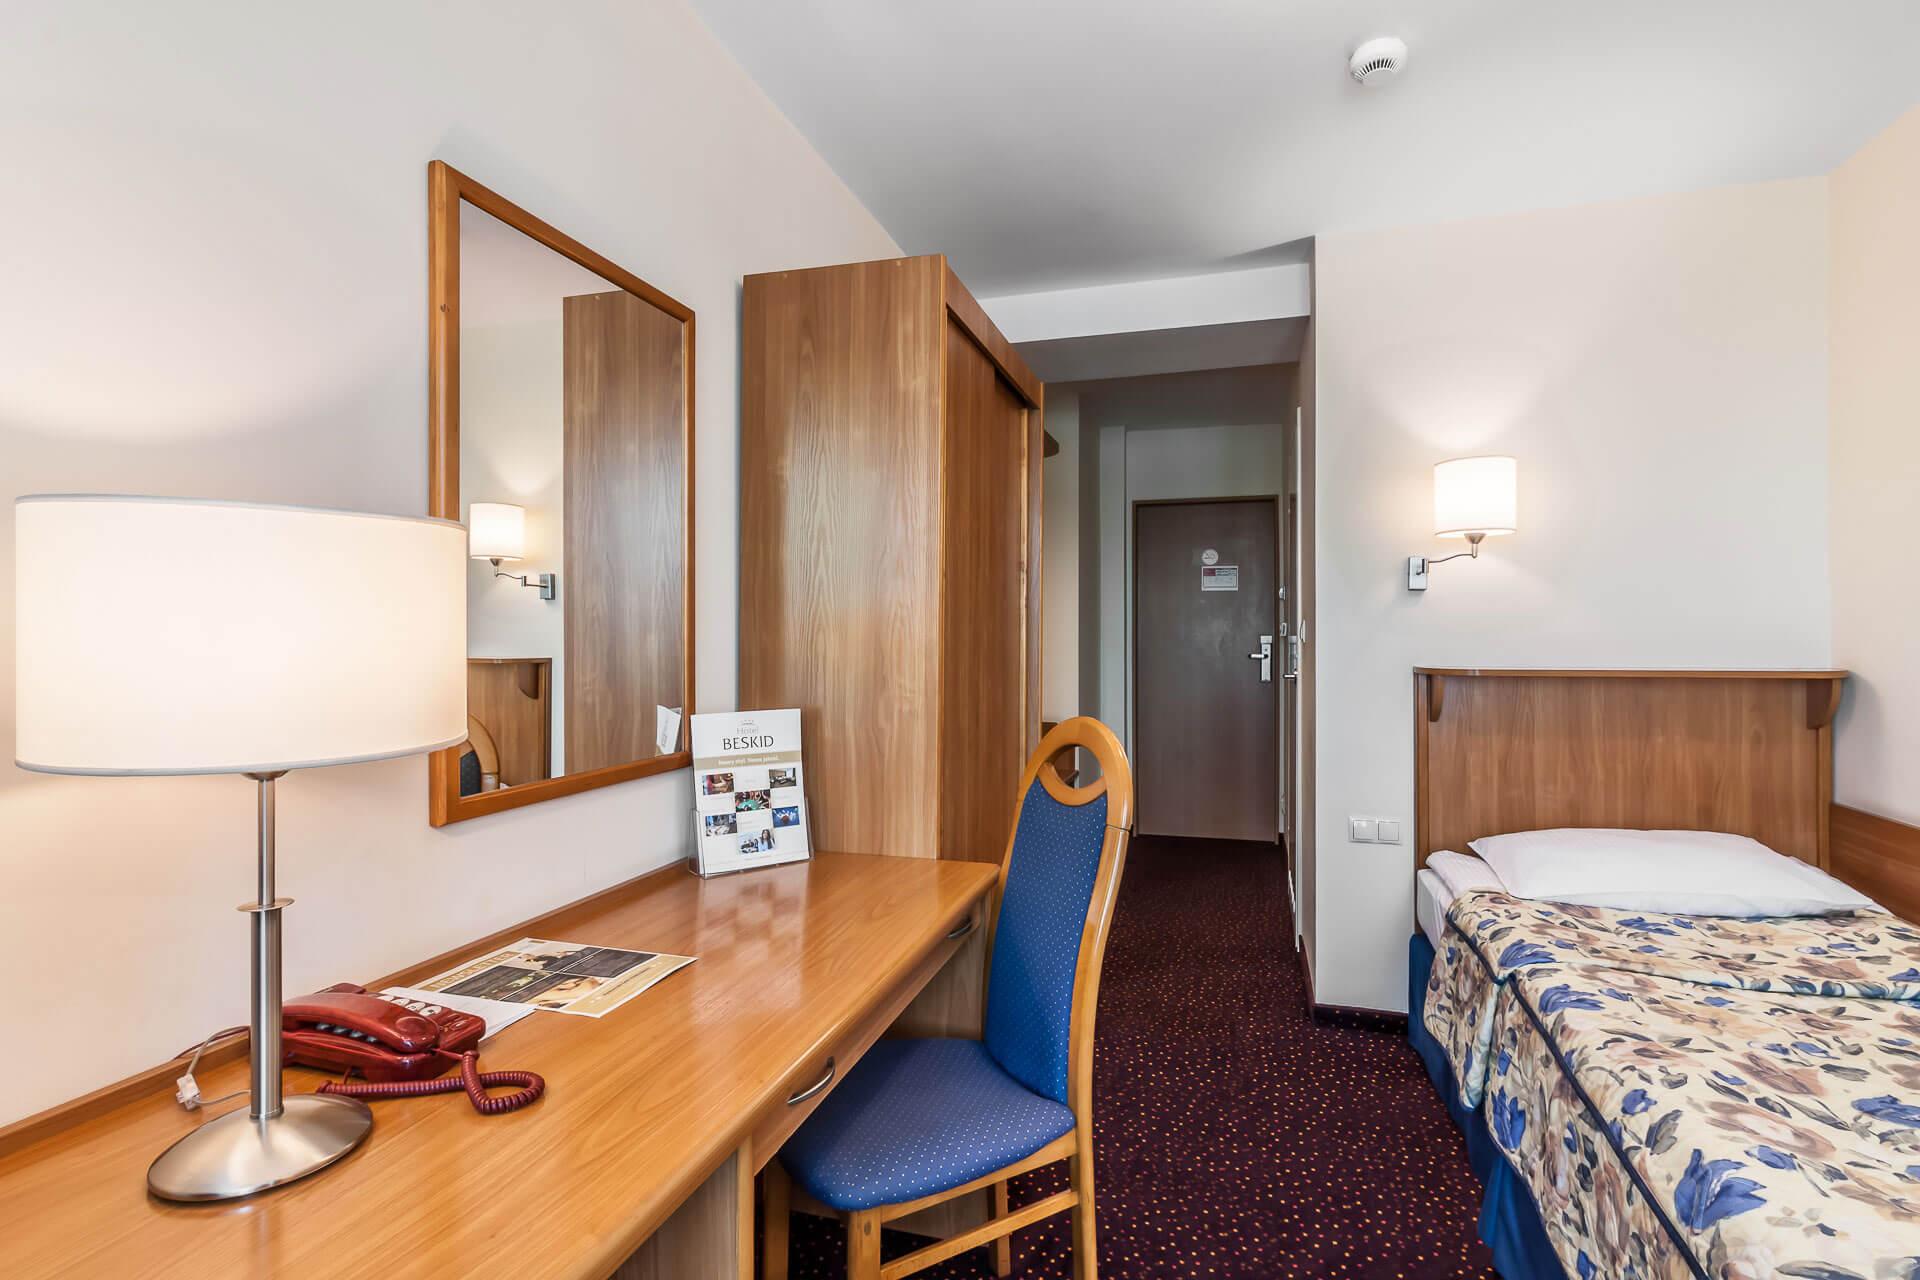 Zdjęcie - Pokój jednoosobowy Standard - Hotel Beskid****